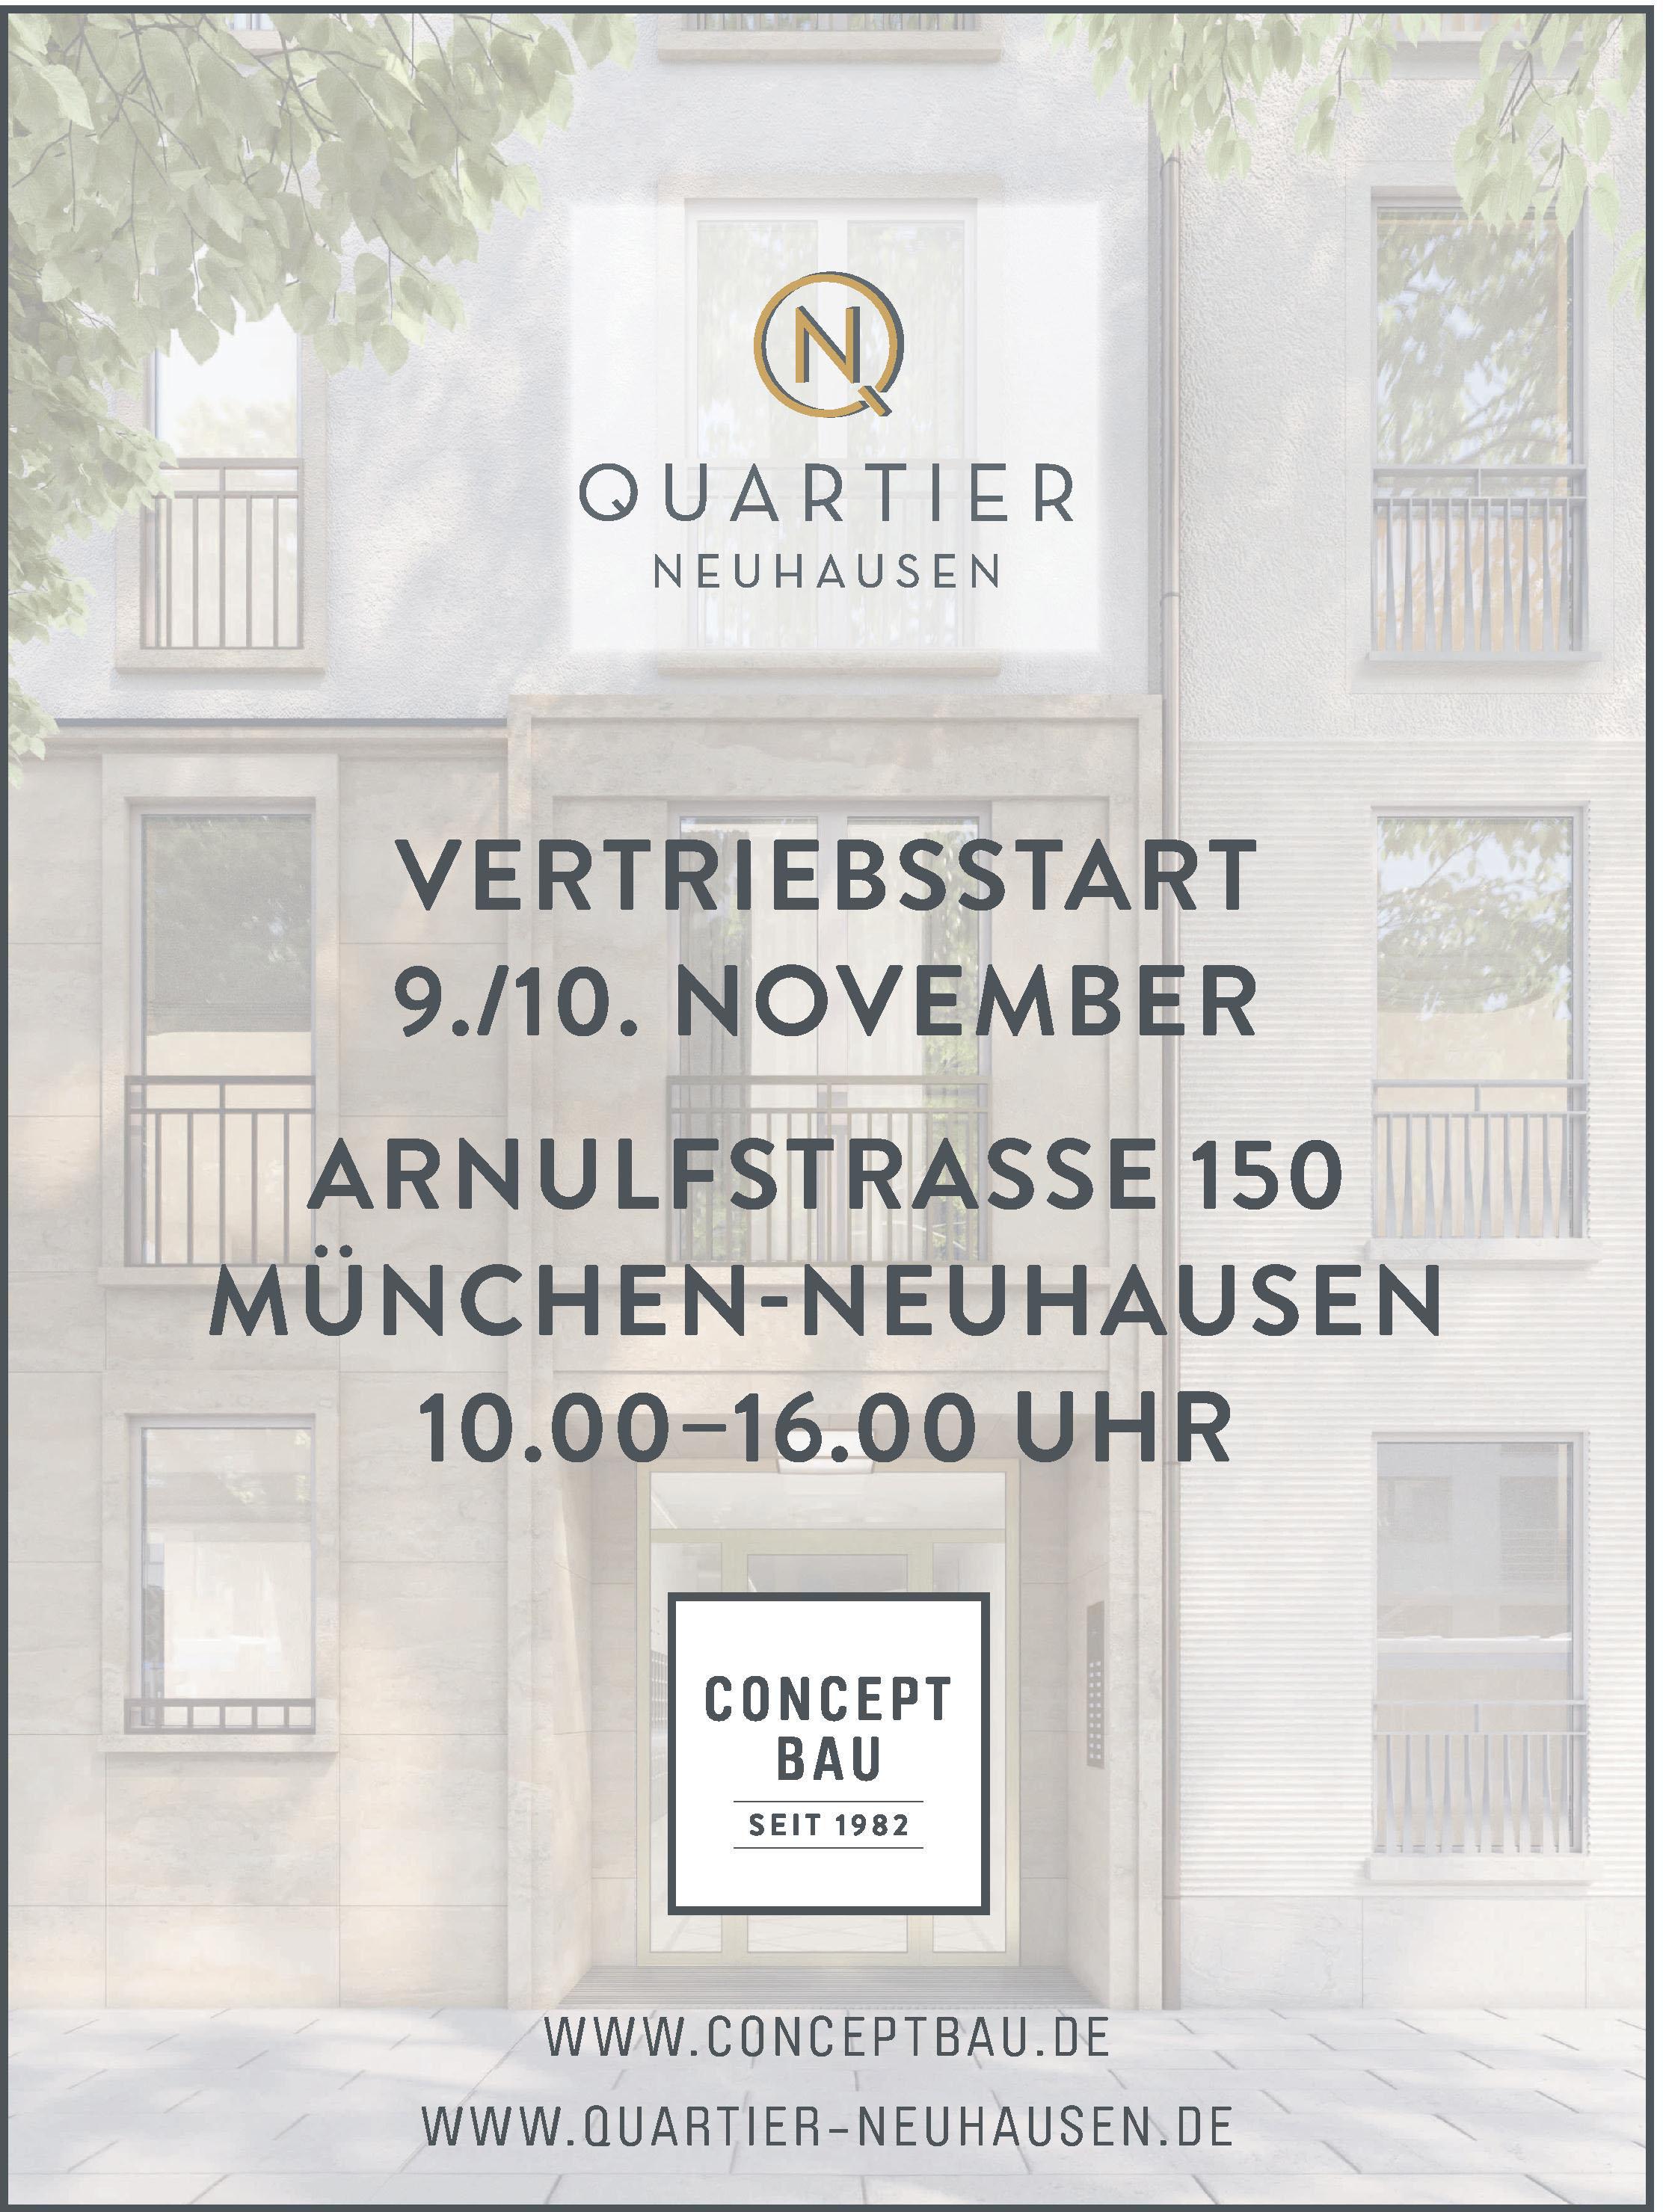 CONCEPT BAU - Quartier Neuhausen